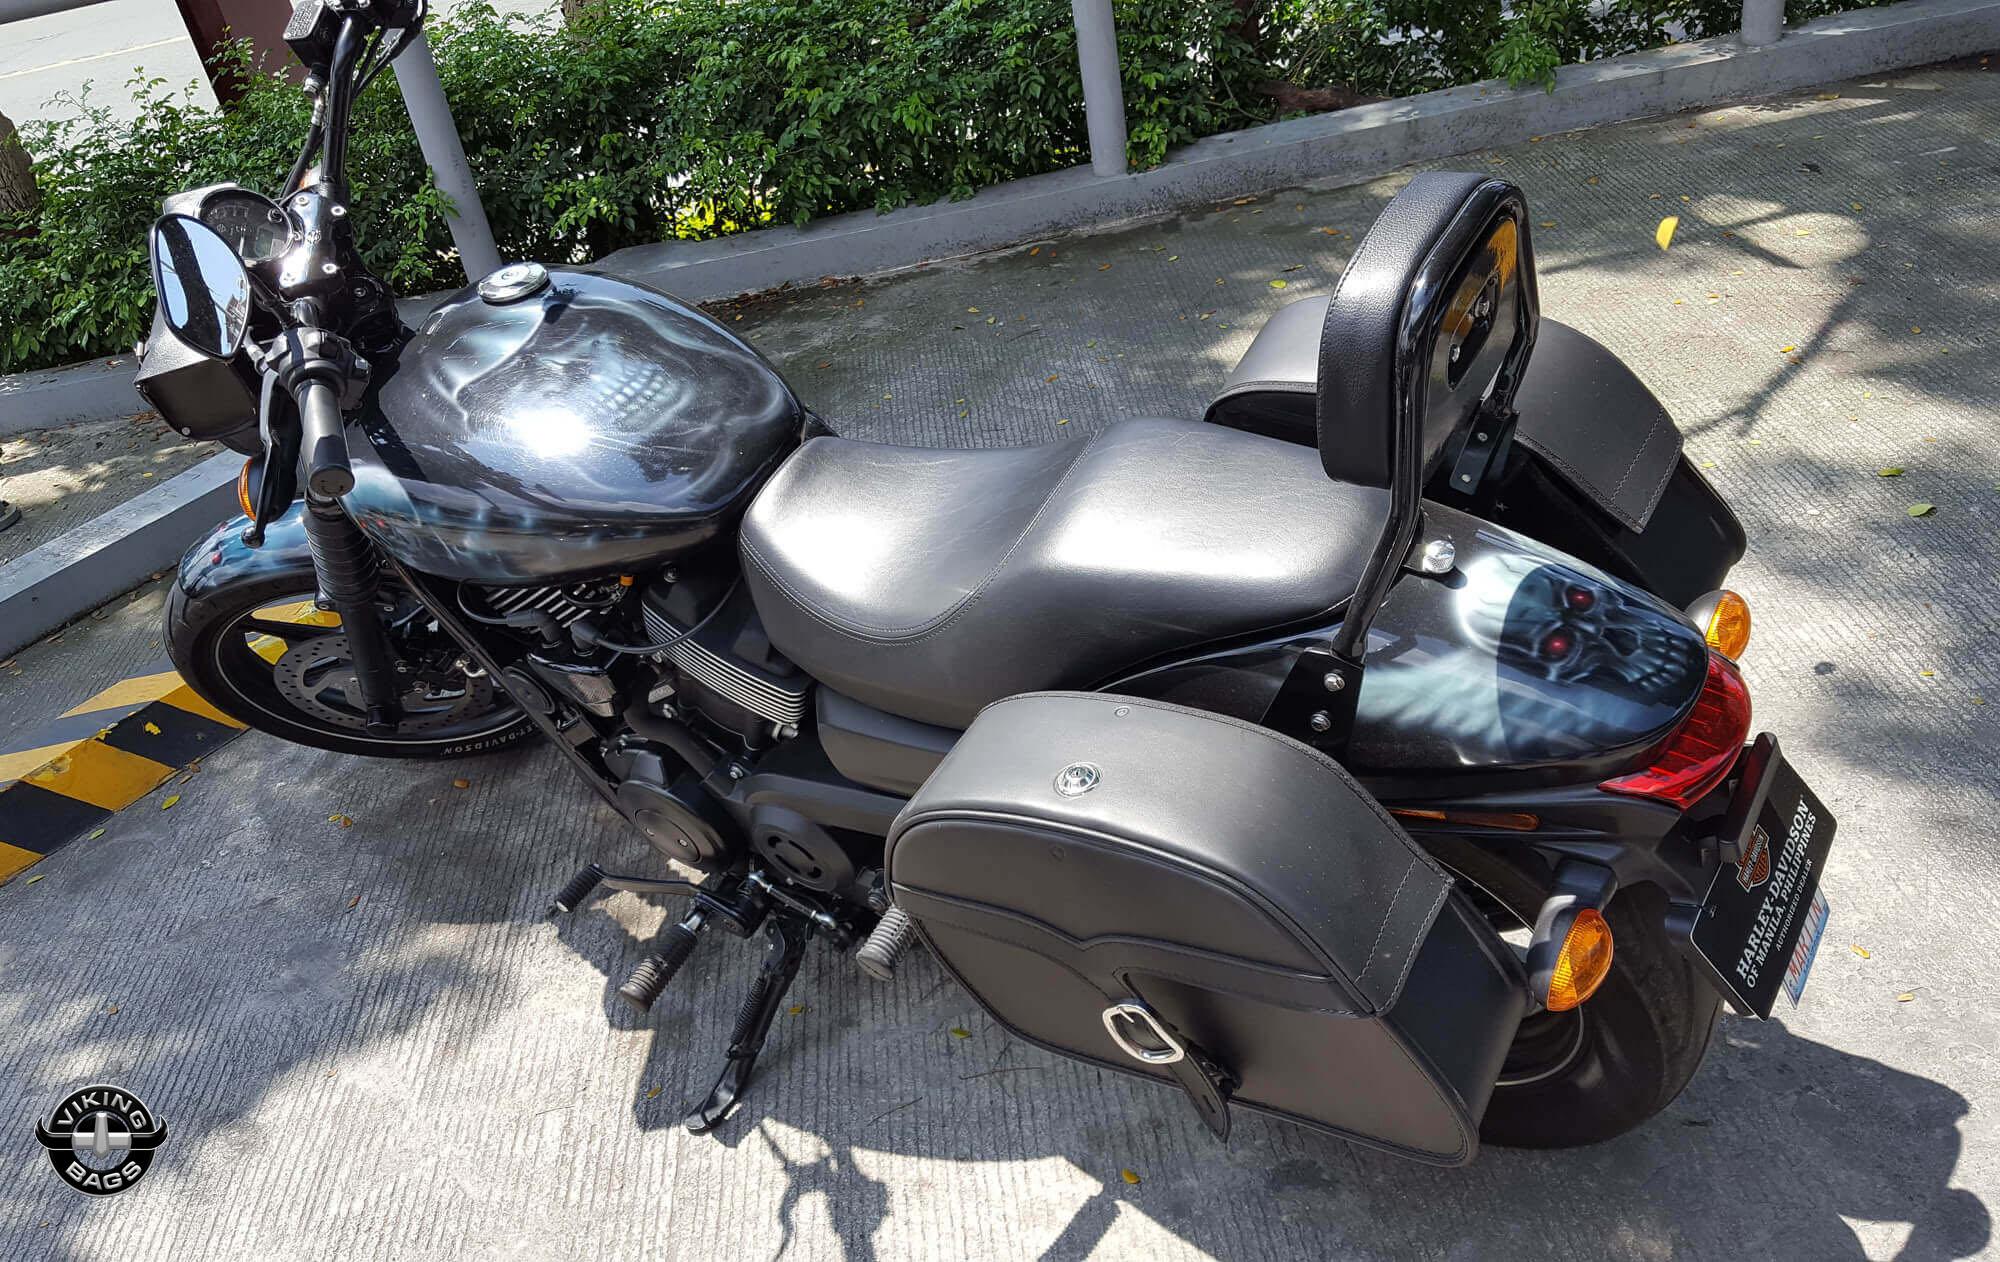 Shop Harley Davidson Street Saddlebags Viking Bags